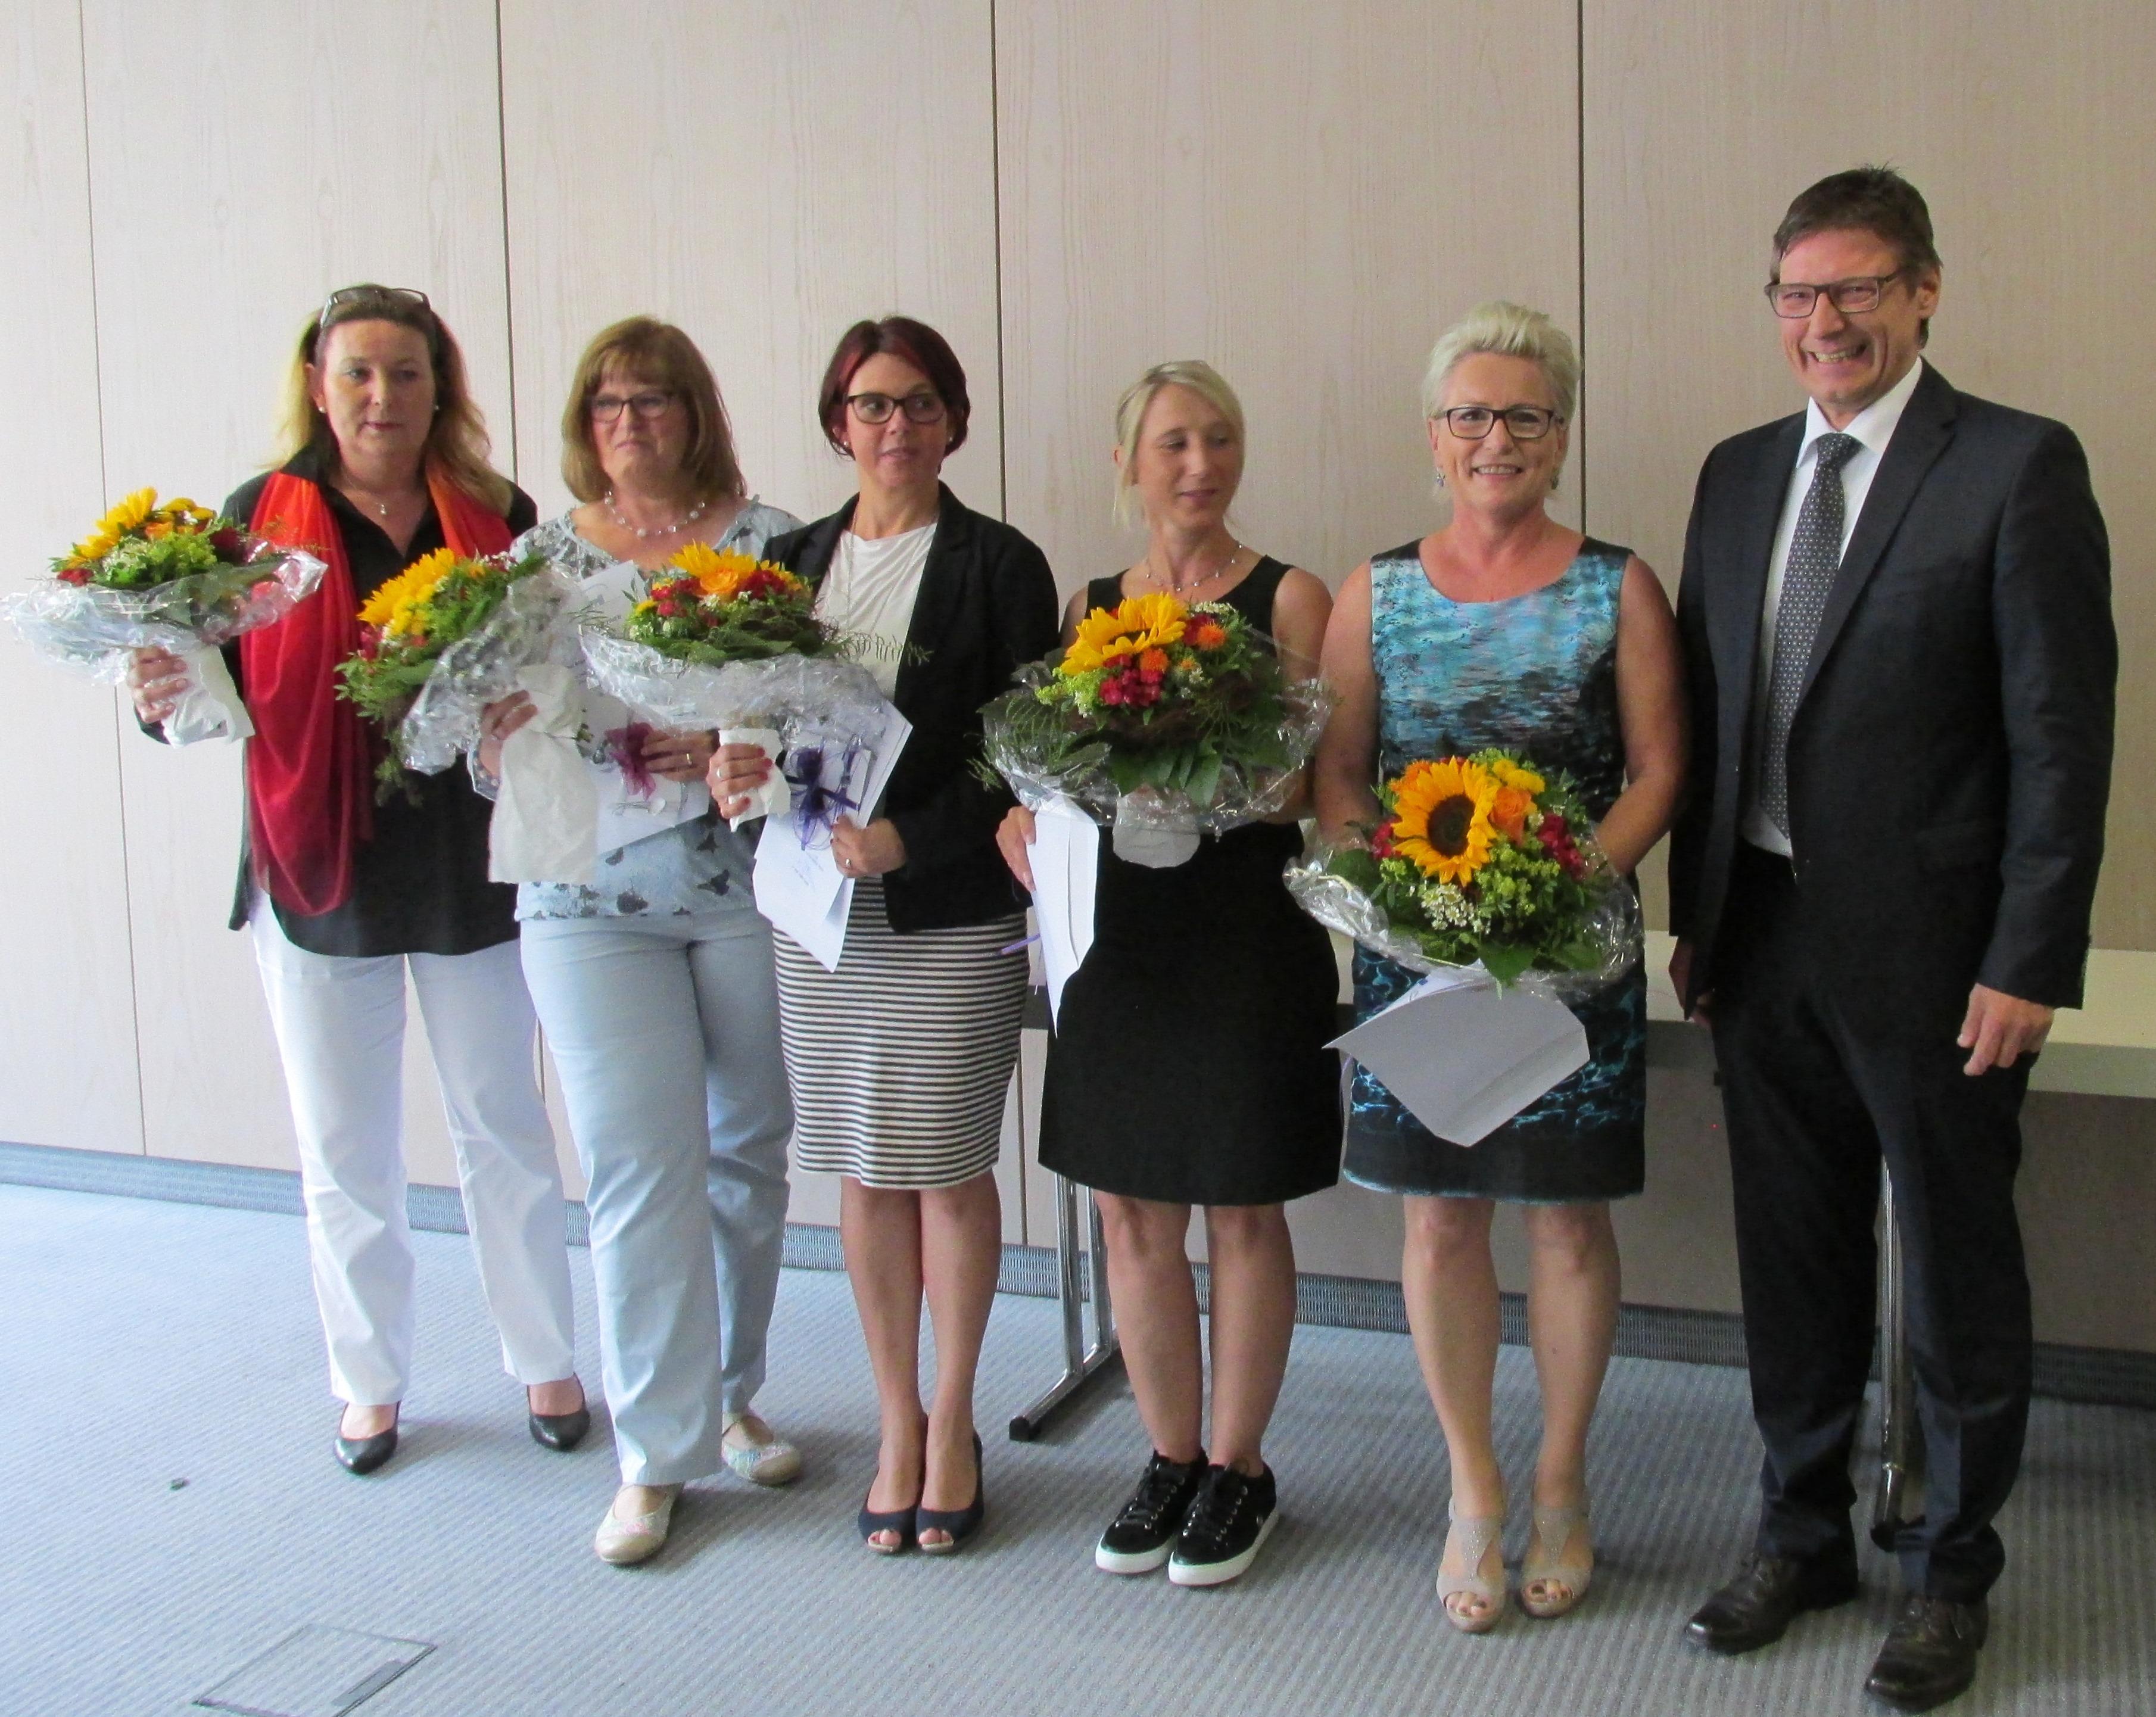 Esther Herfurth, Birgit Engelmann, Stefanie Muthers, Rebecca Günther, Gabriele Kihm und Dr. Walter Gradel (vlnr)